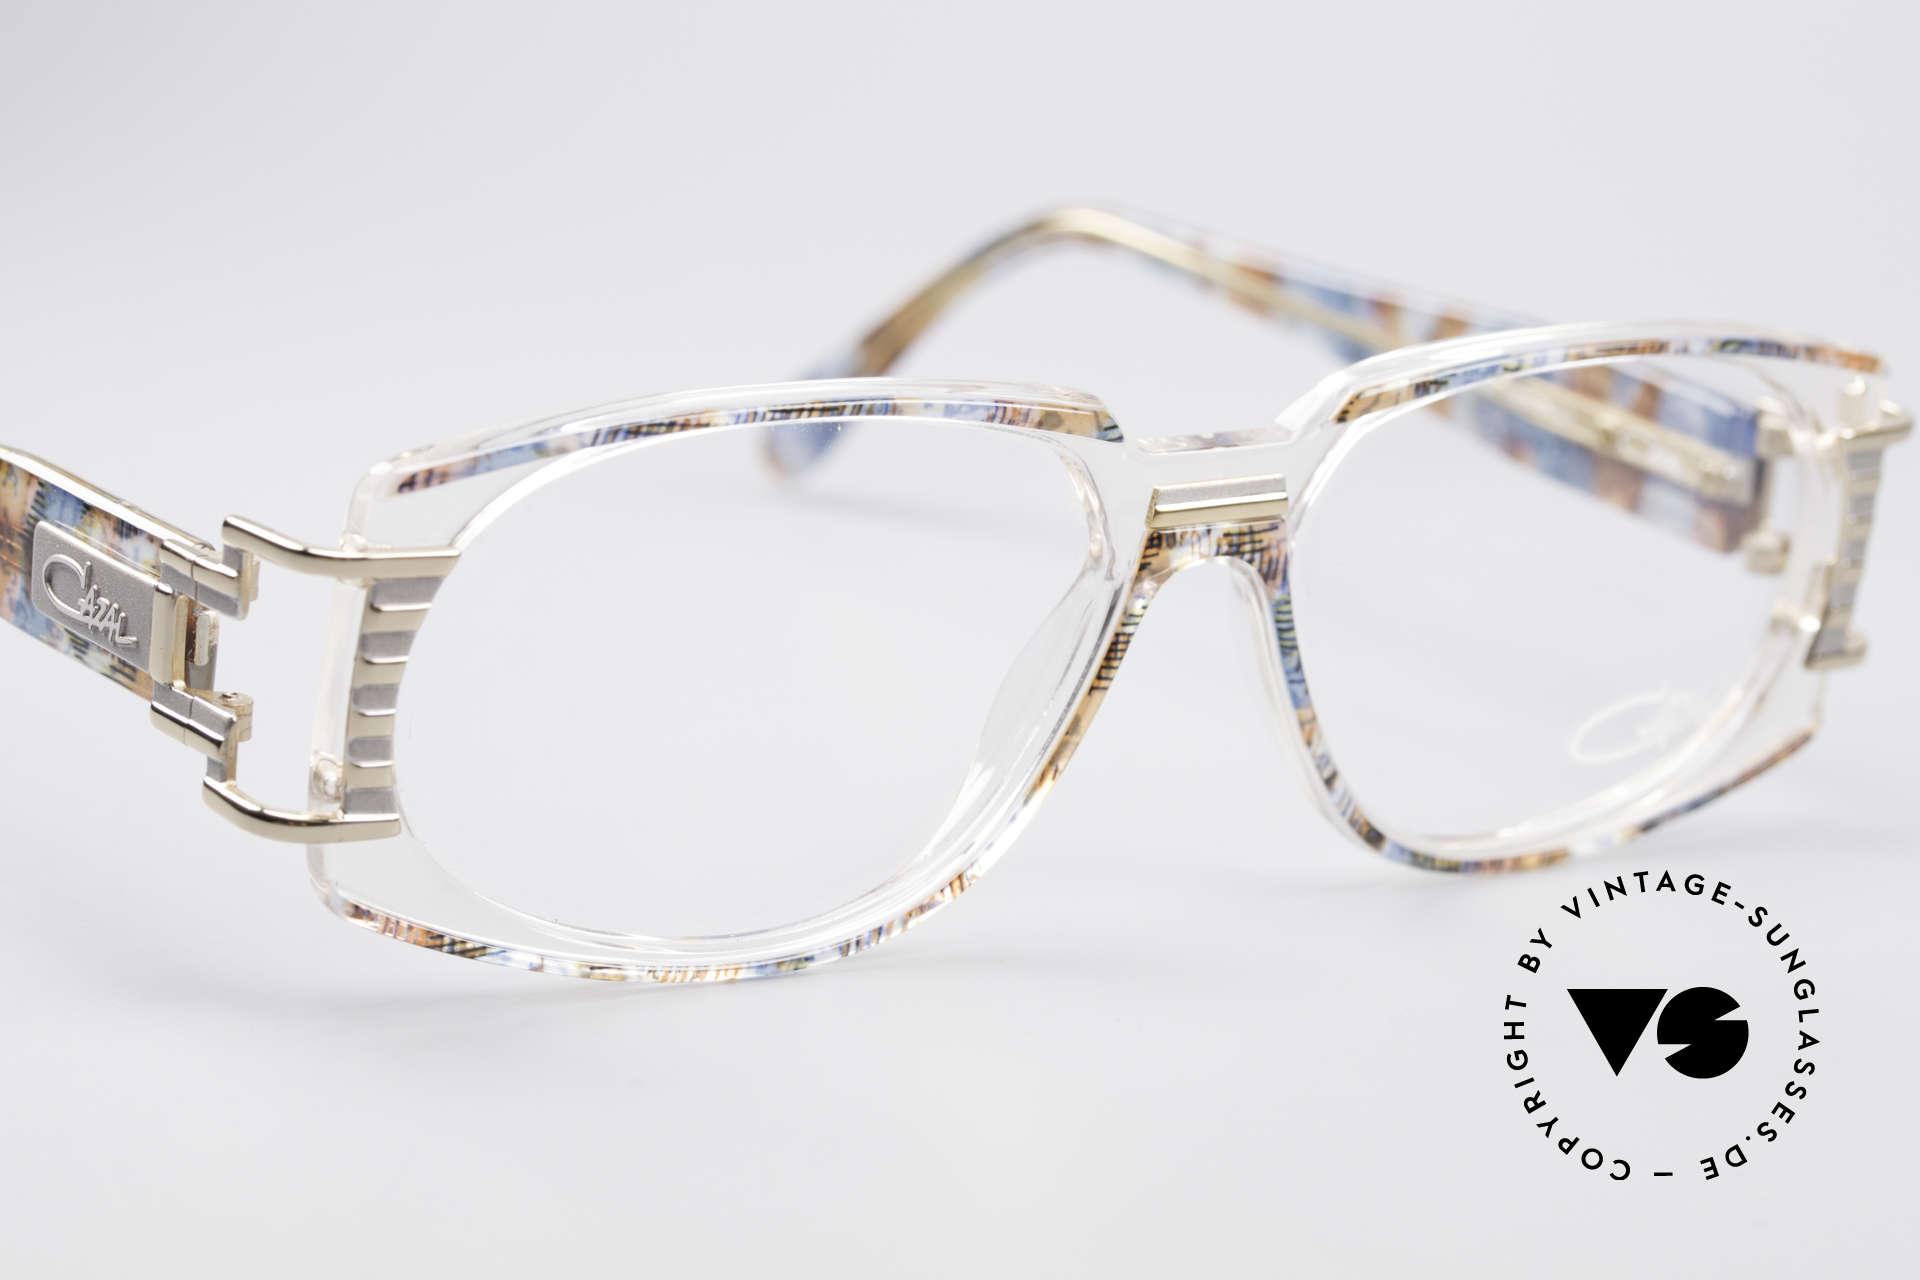 Cazal 372 Seltene HipHop Vintage Brille, ungetragen (wie alle unsere alten CAZAL vintage Brillen), Passend für Herren und Damen